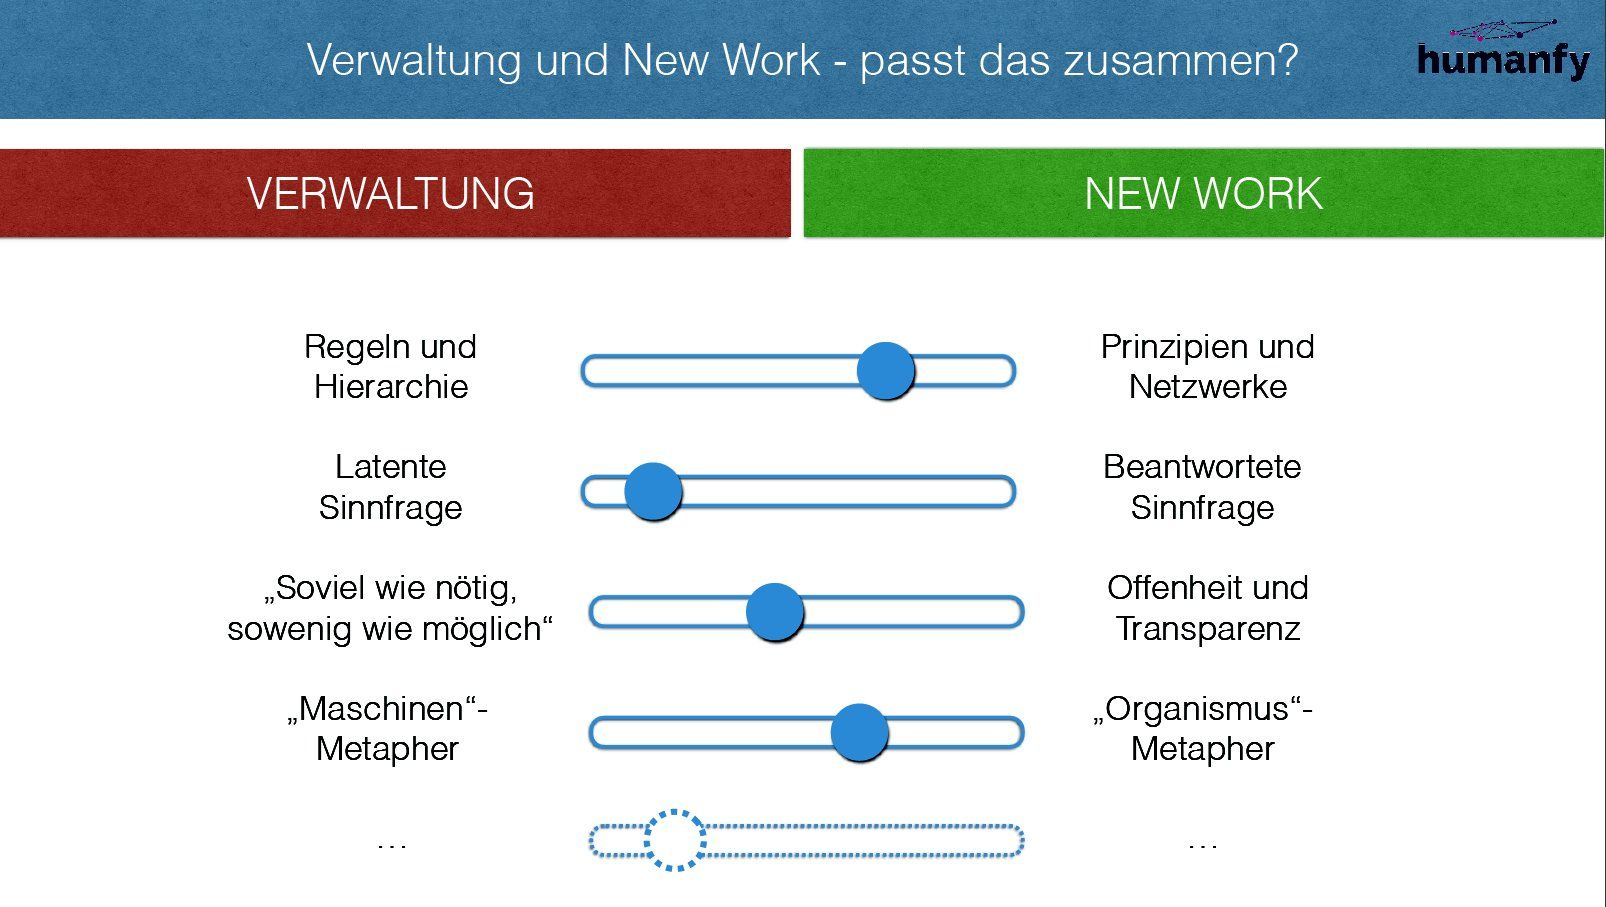 Verwaltung und New Work - passt das zusammen?, Autor: Markus Väth